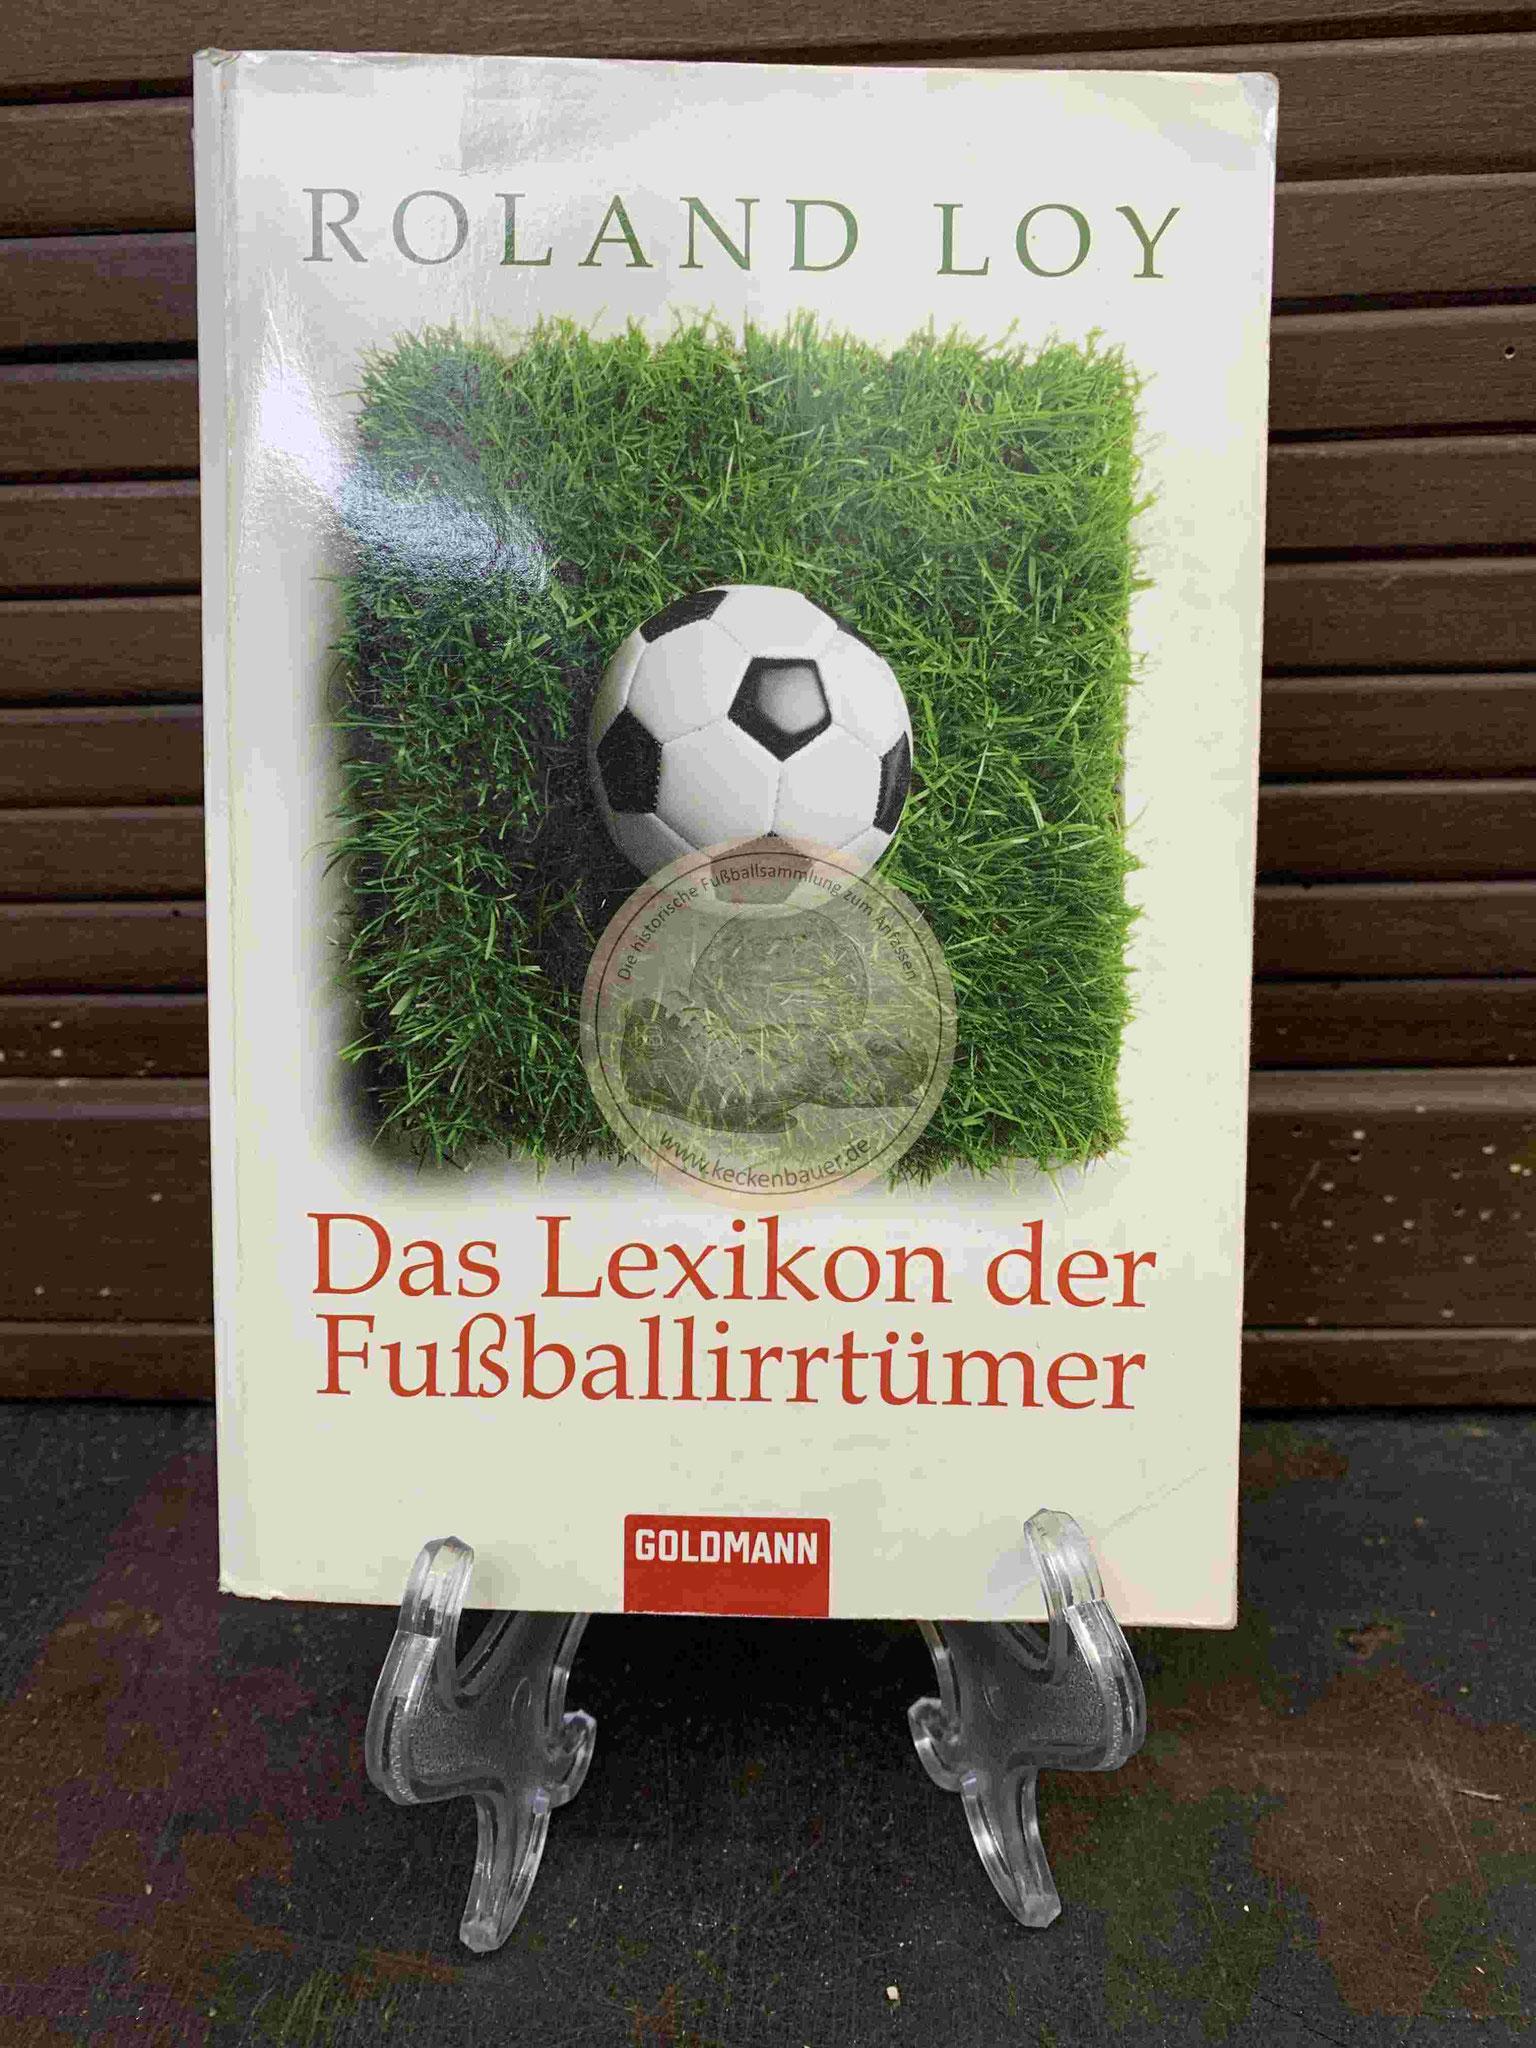 Roland Loy Das Lexikon der Fußballirrtümer aus dem Jahr 2010